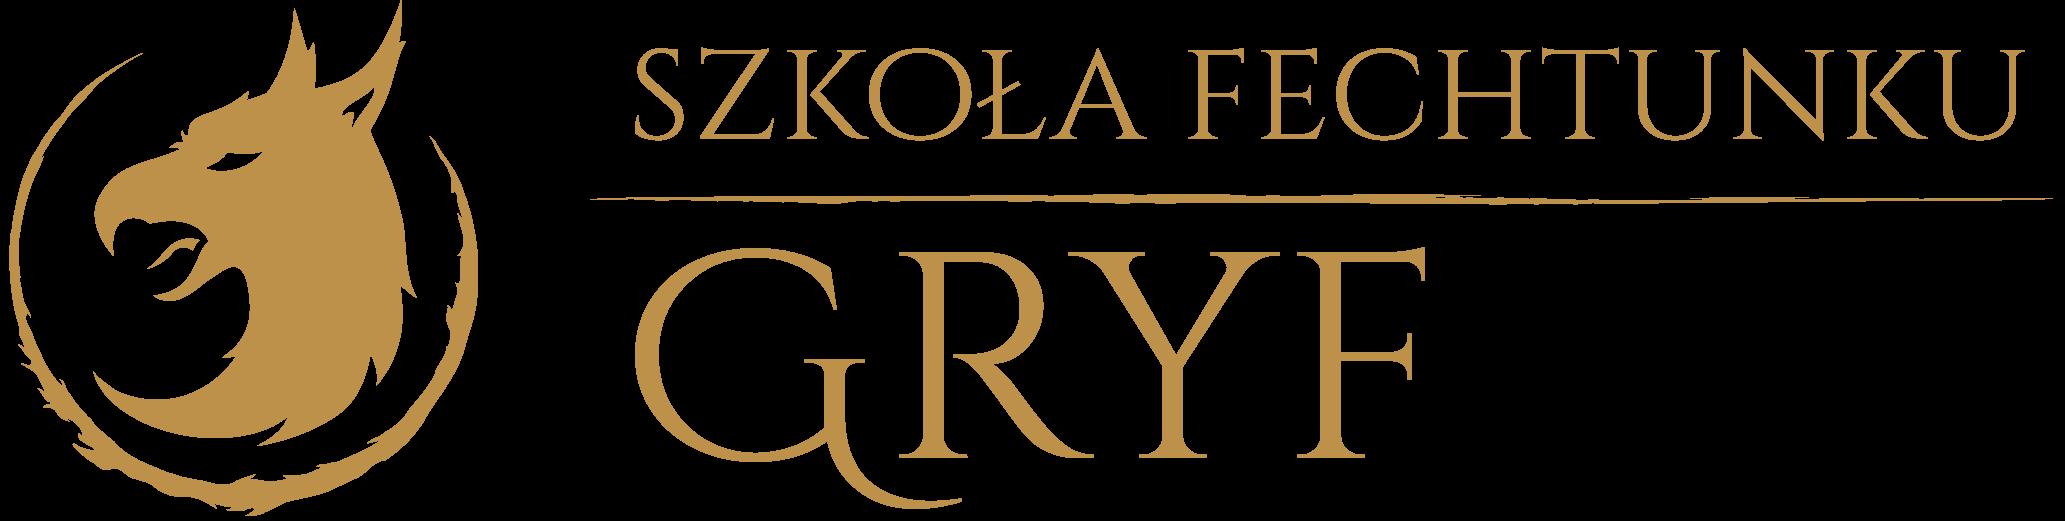 Szkoła Fechtunku Gryf - Bielsko-Biała